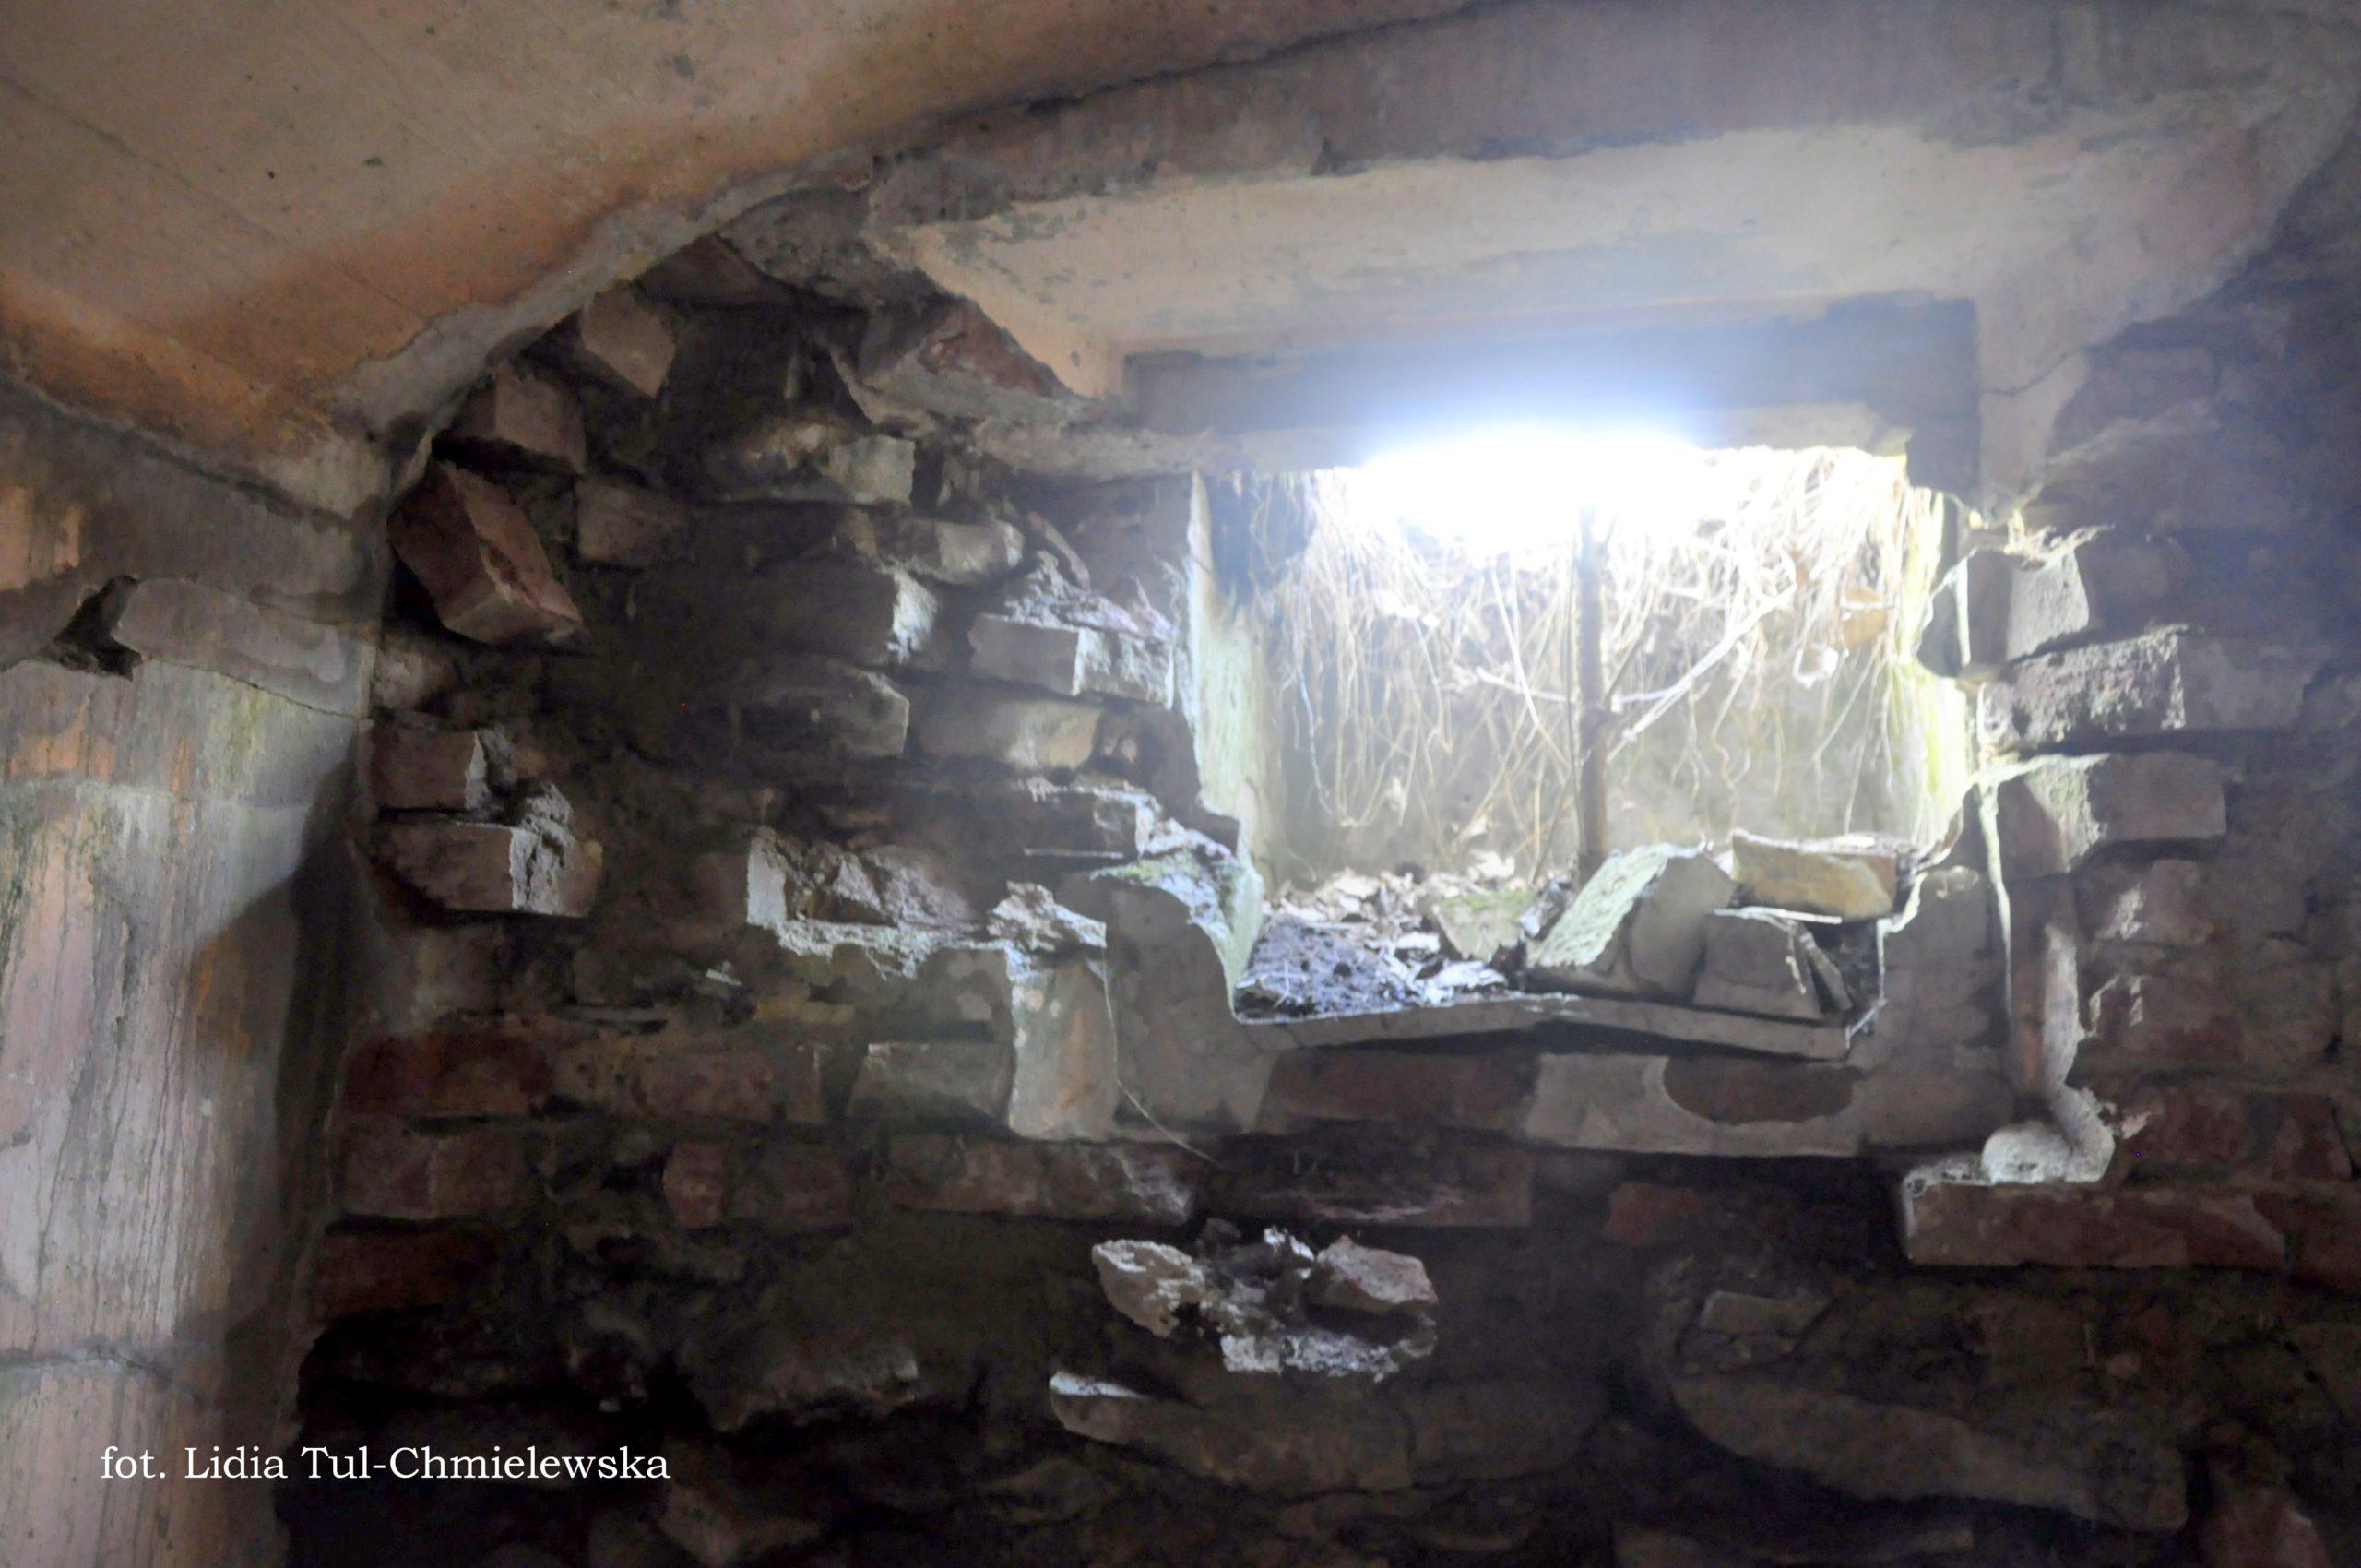 Ruiny strażnicy niemieckiej Tworylne fot. Lidia Tul-Chmielewska